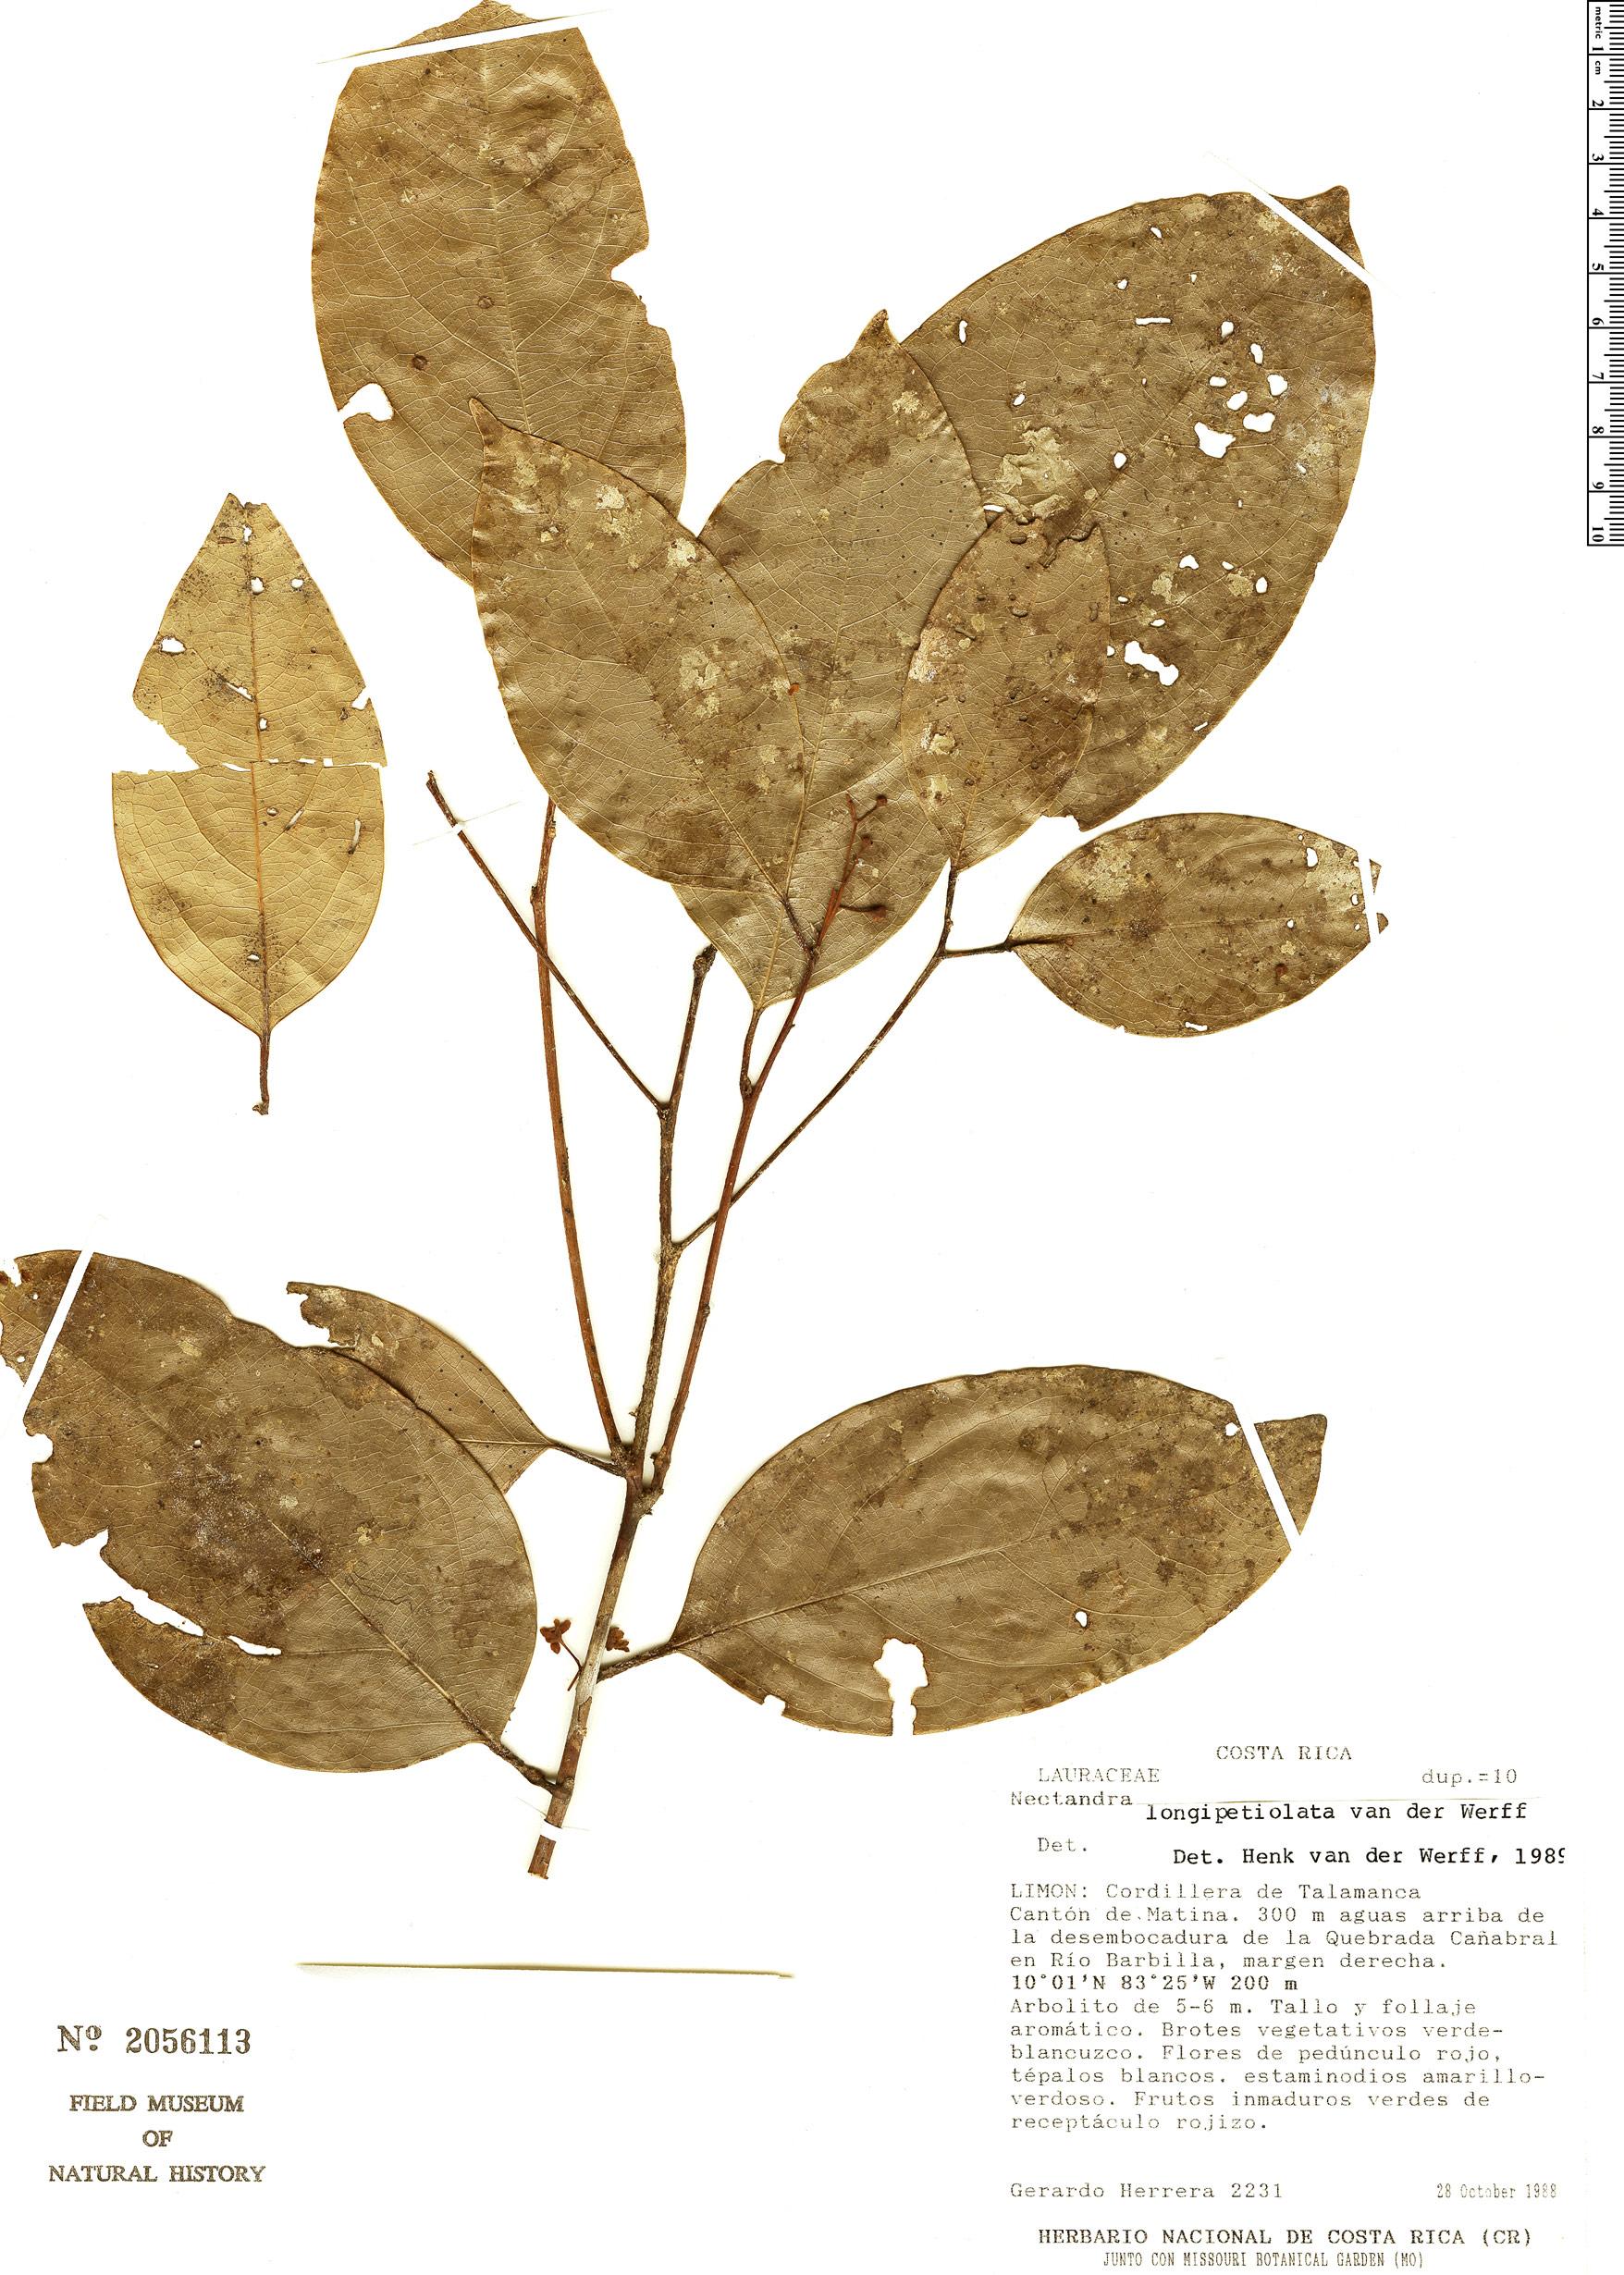 Specimen: Nectandra longipetiolata